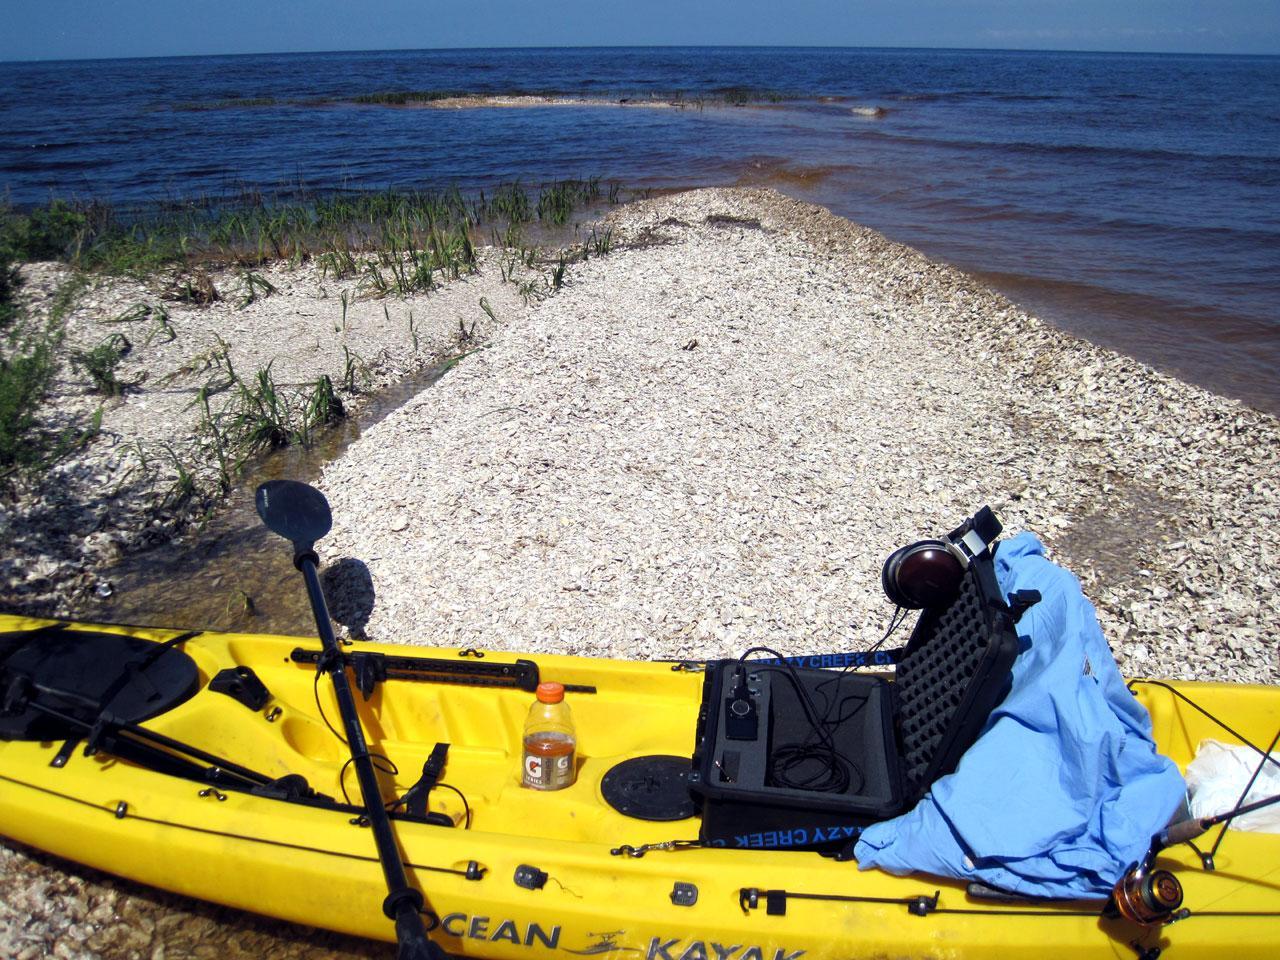 D5000 (Kayaking, yea)